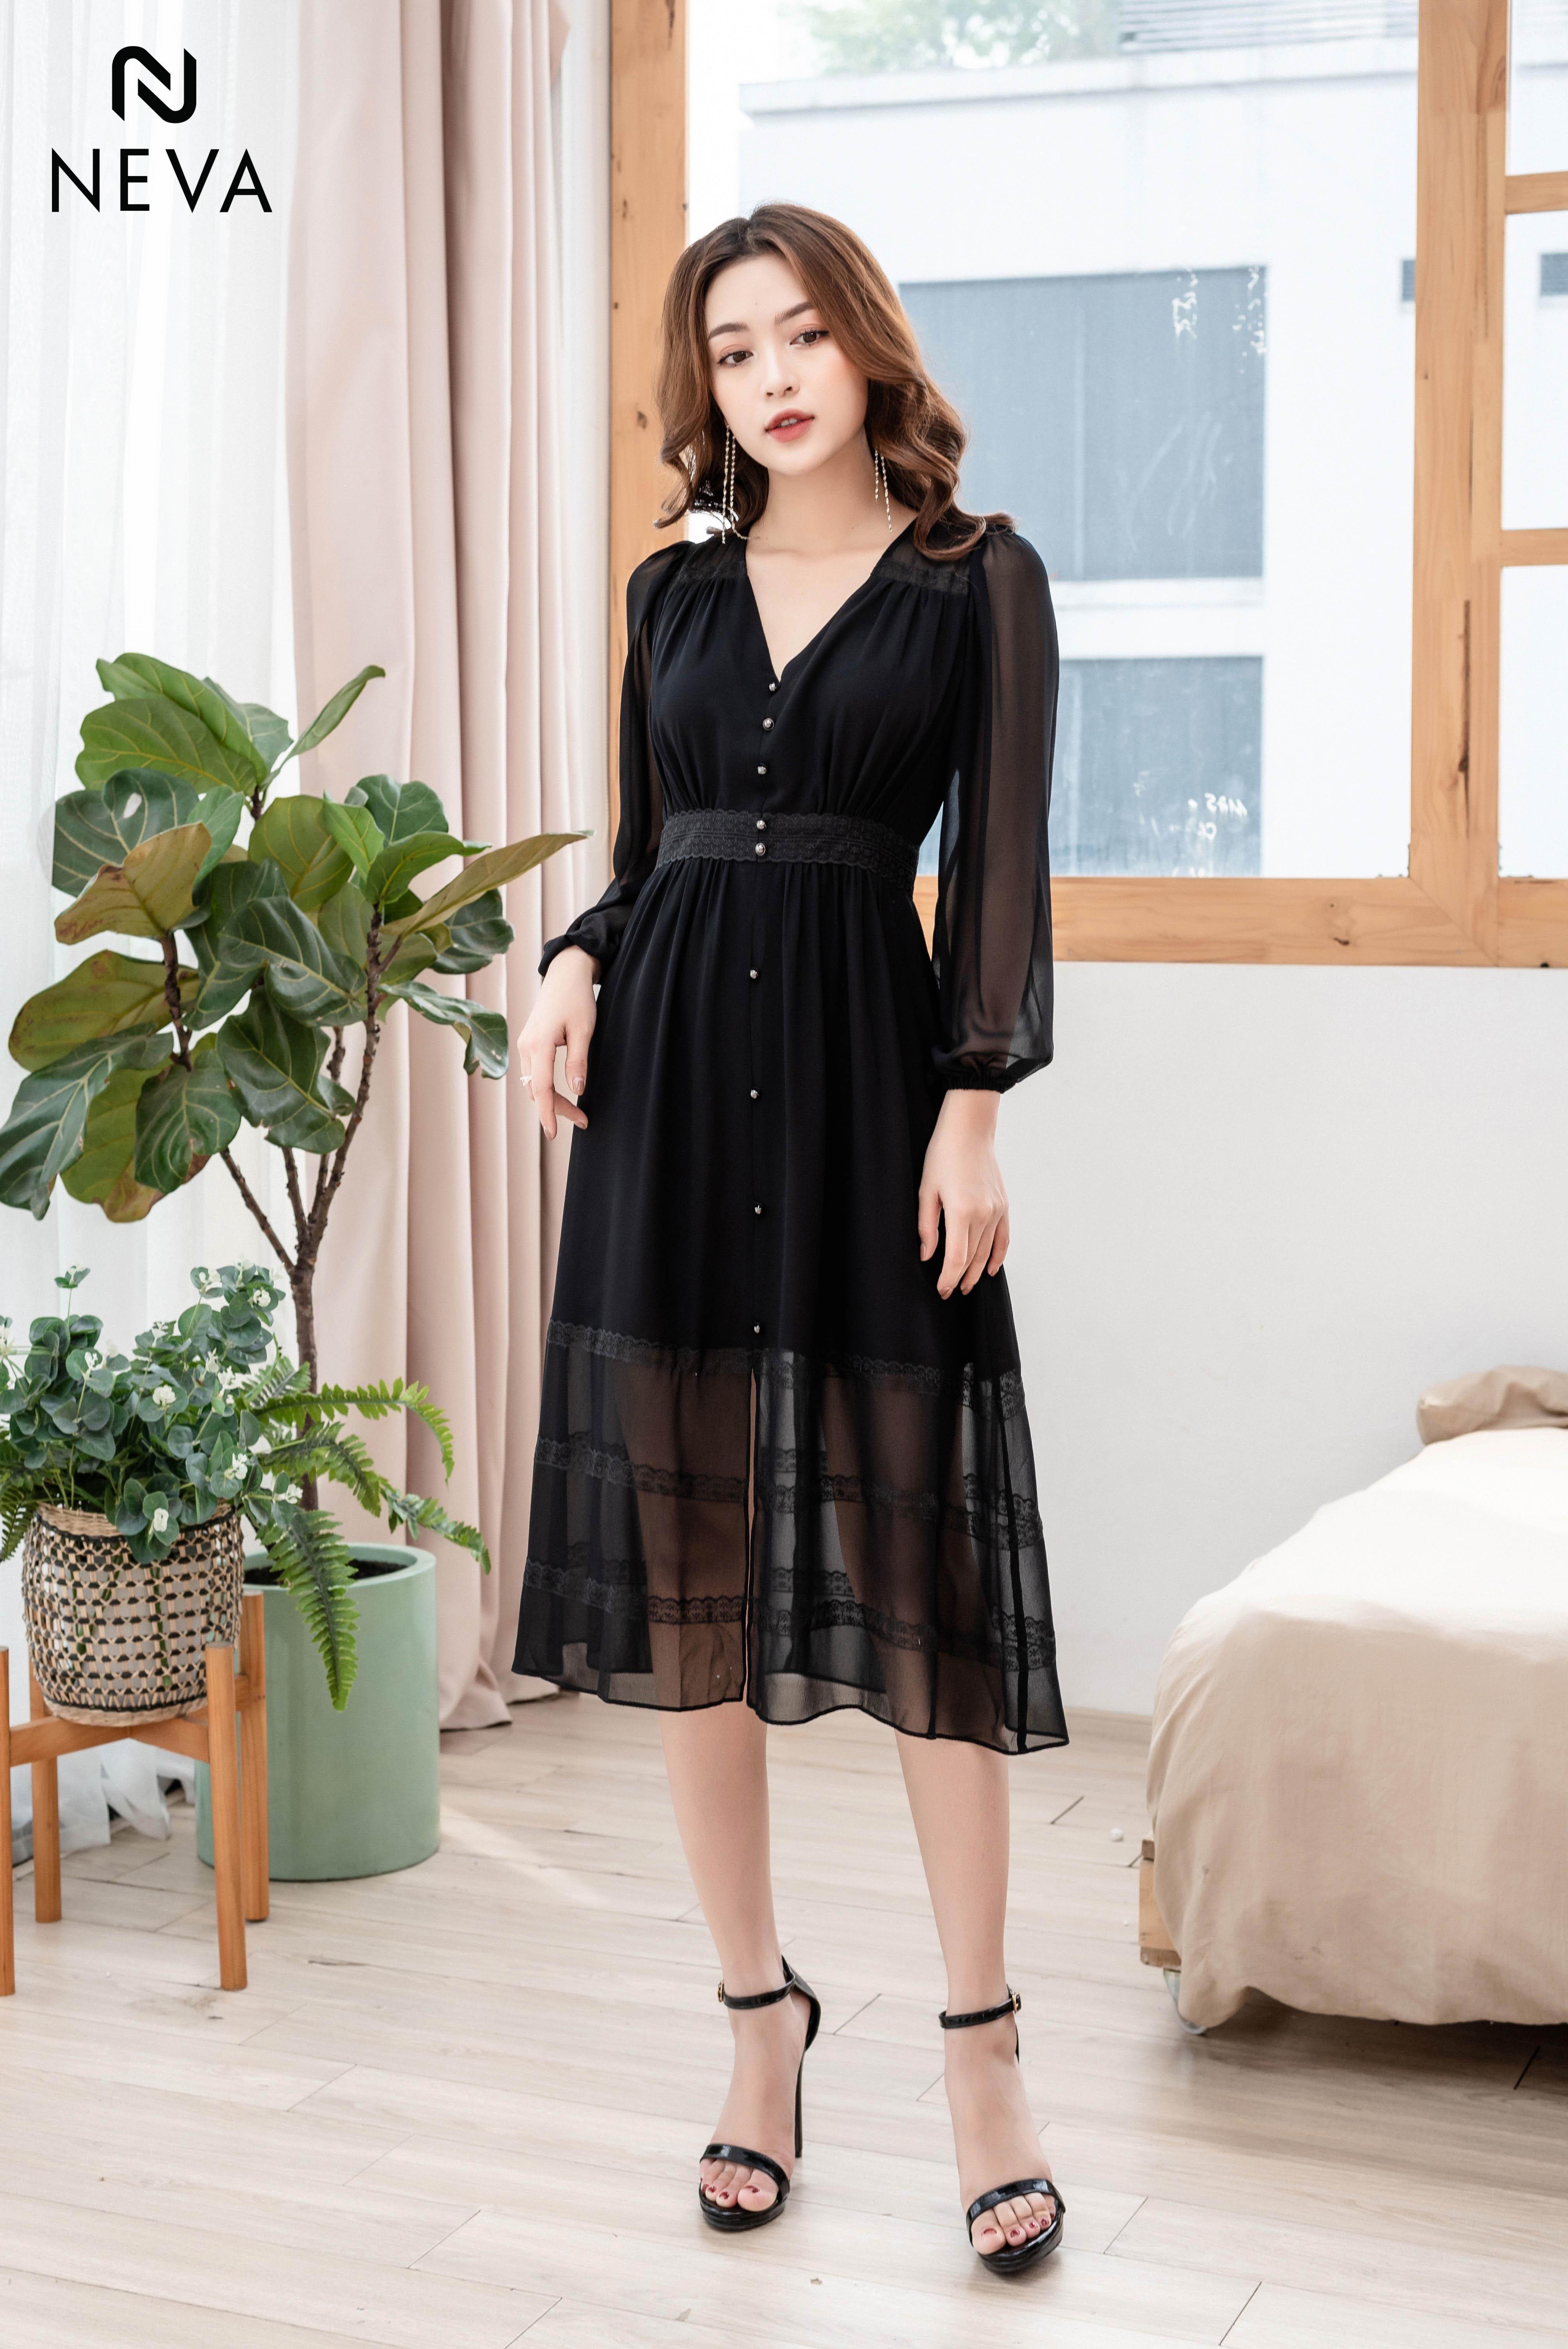 Thời trang nữ:  Xu hướng mẫu thiết kế váy đẹp cực HOT 19SNDK395-1,368,000%20%20%20(1)